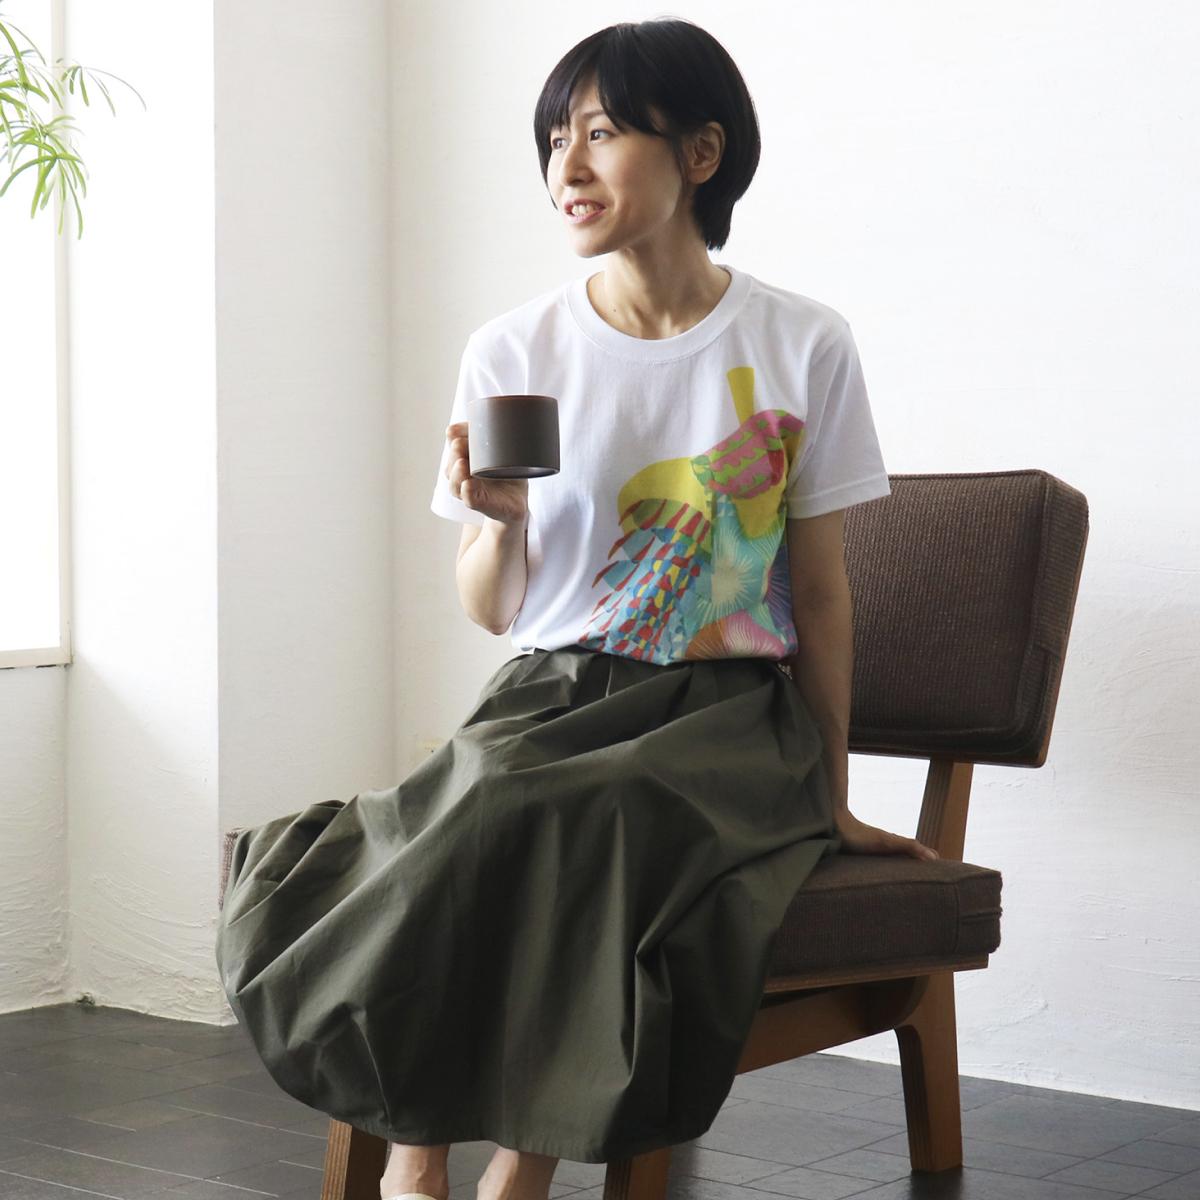 秋田人形道祖神 TシャツTYPE.A 商品画像